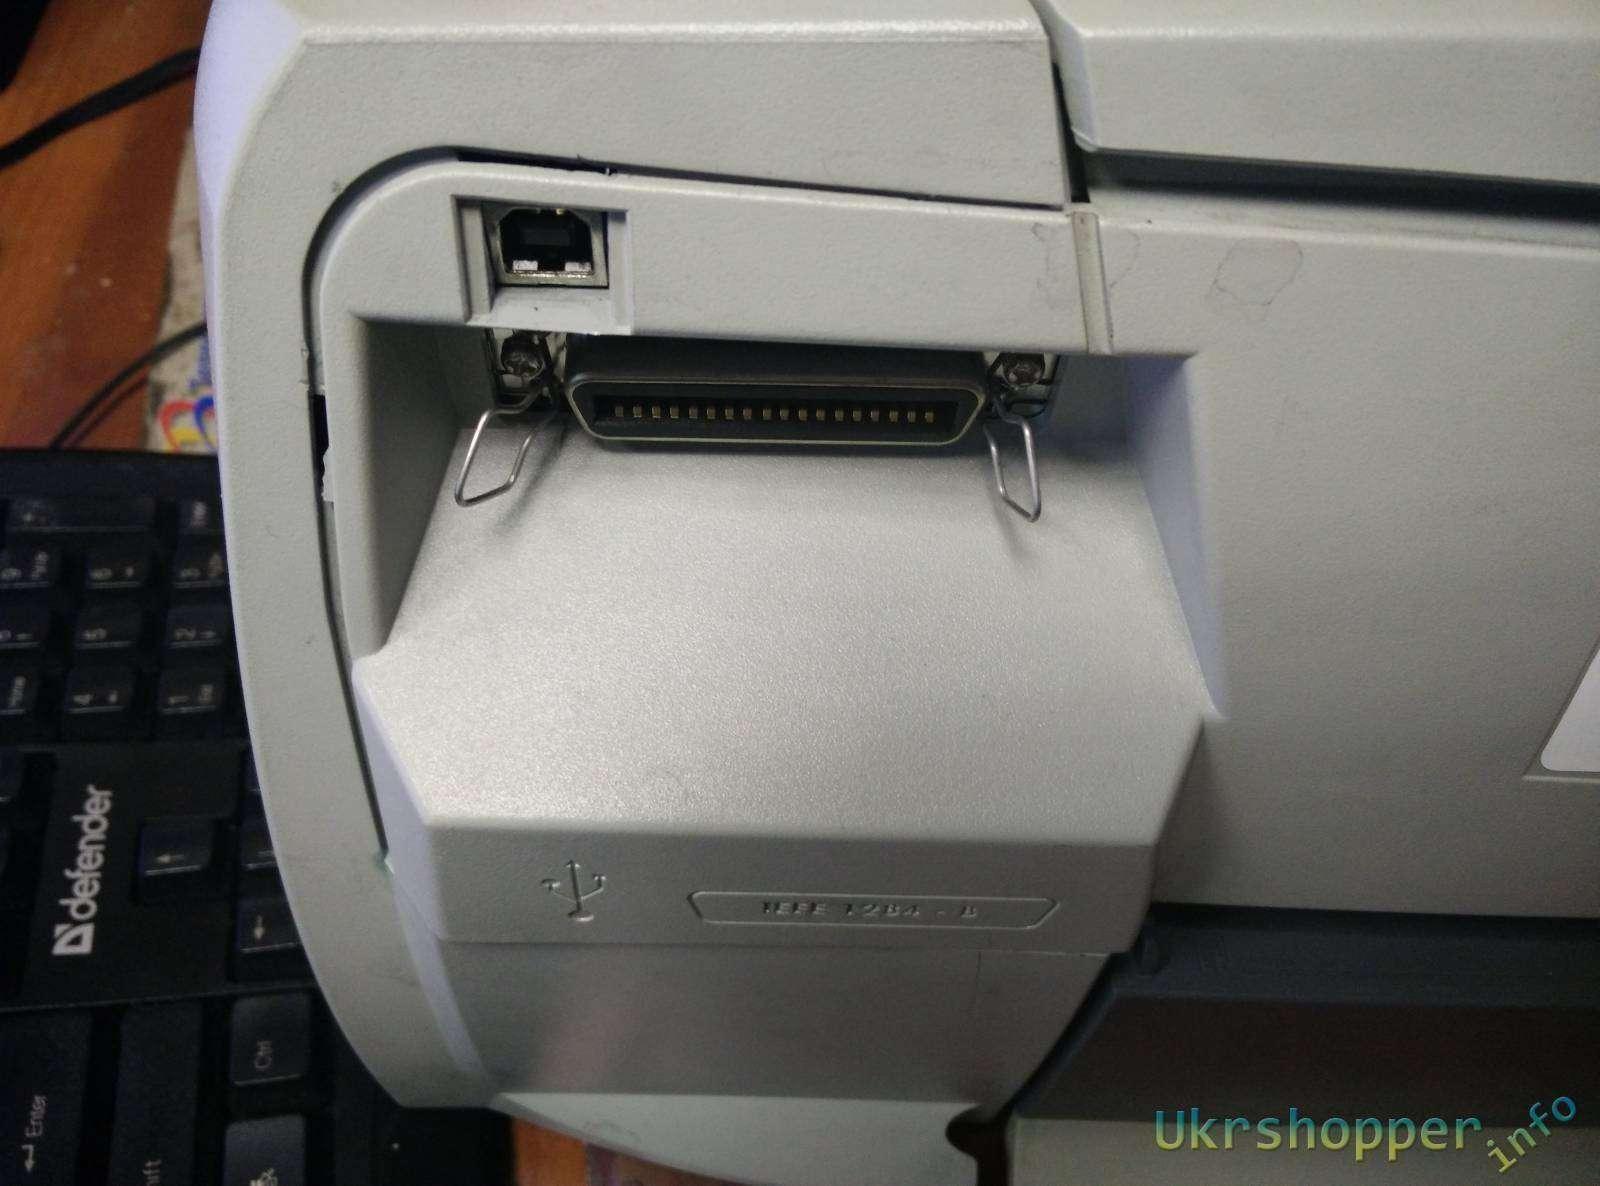 Своими руками переходник с lpt на usb для принтера